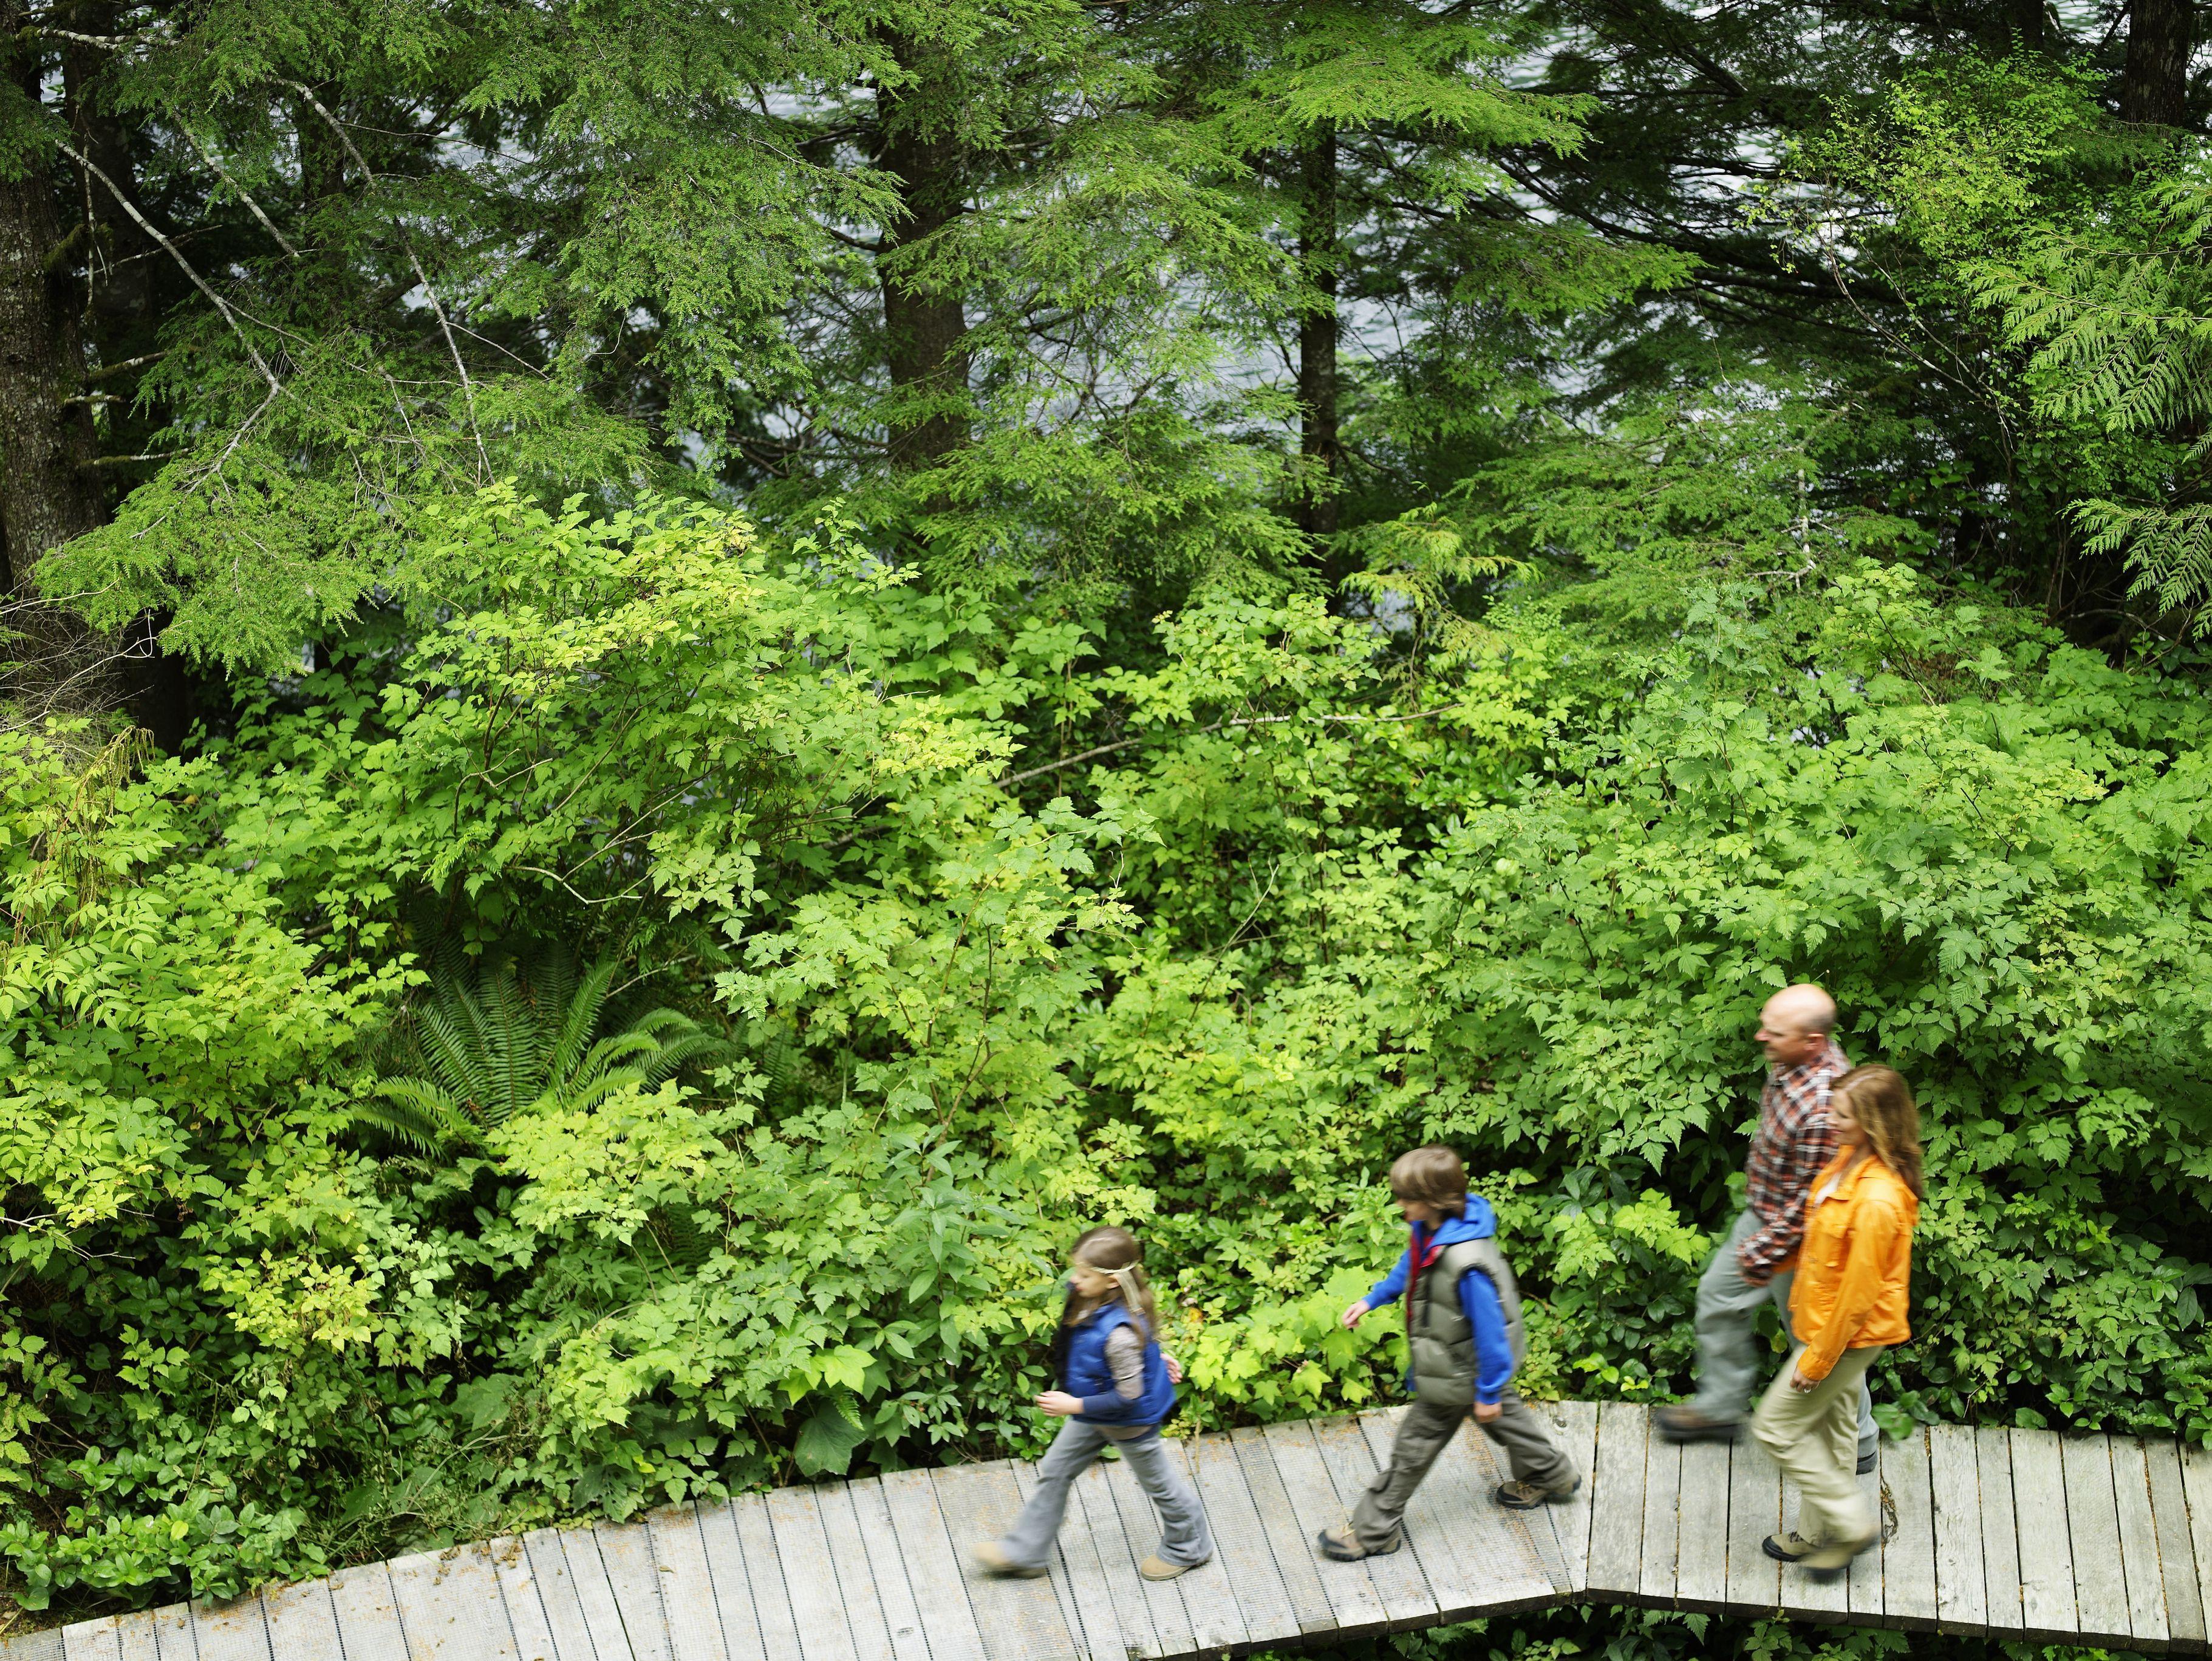 Familia caminando en el camino a través del bosque